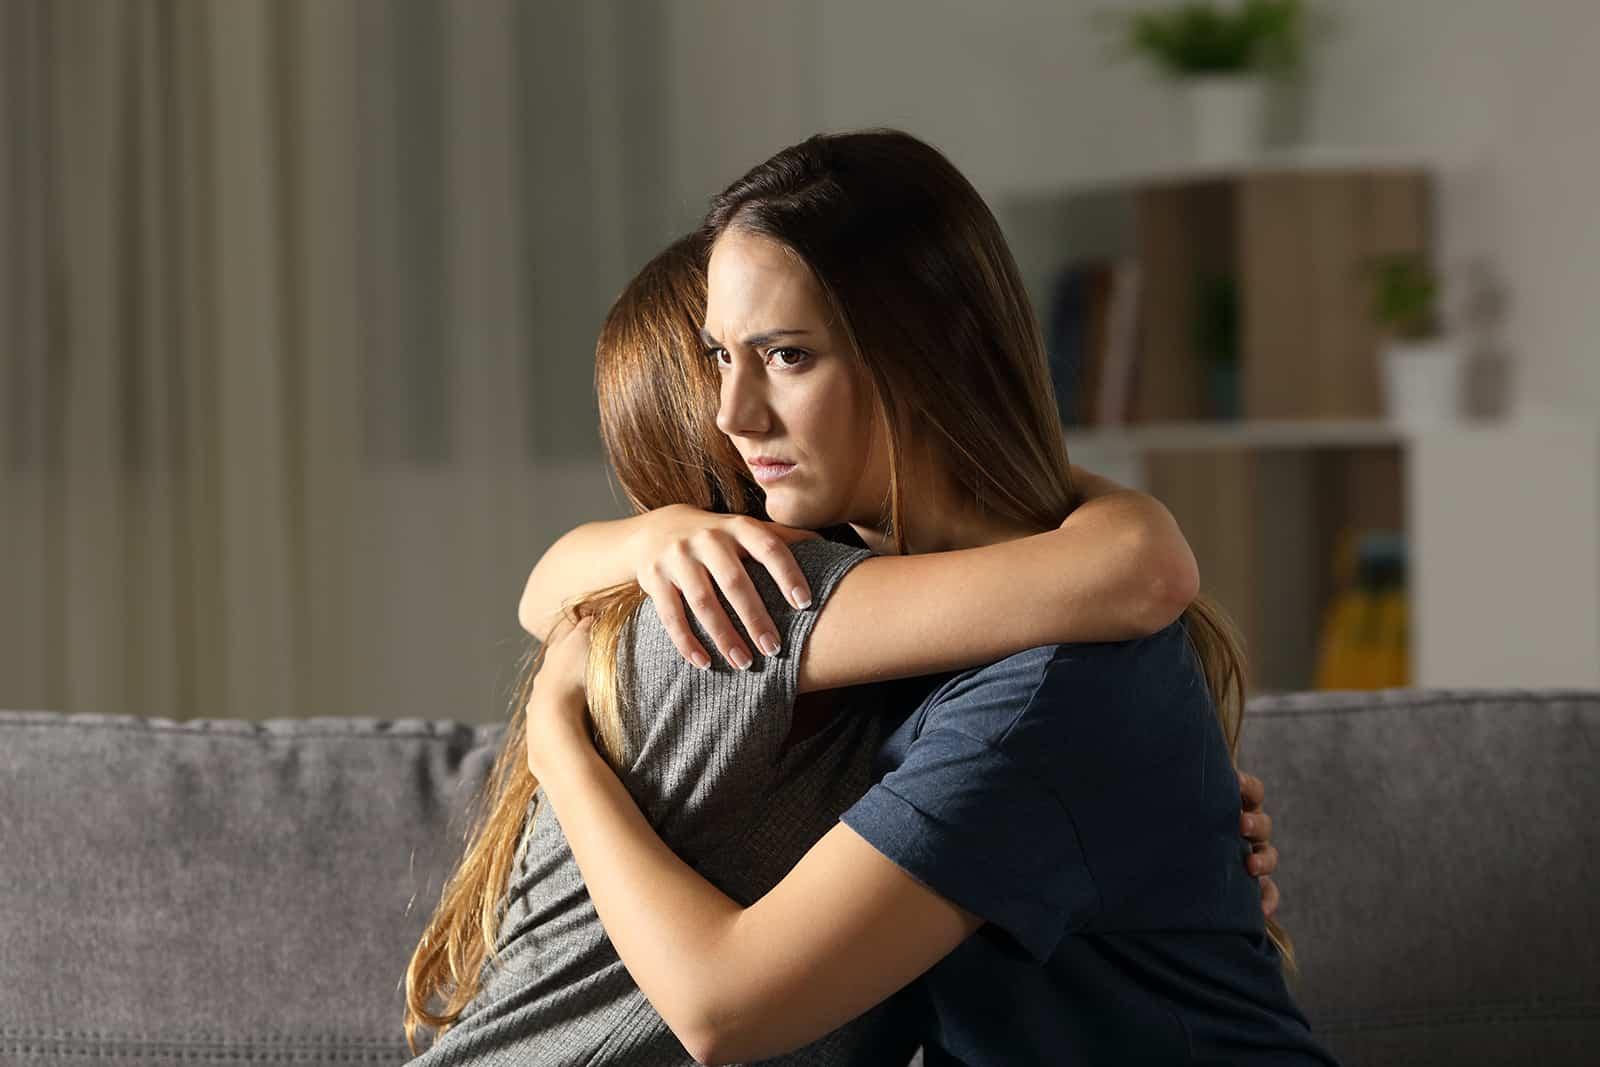 eine verärgerte Frau umarmt eine andere Frau, die auf der Couch sitzt